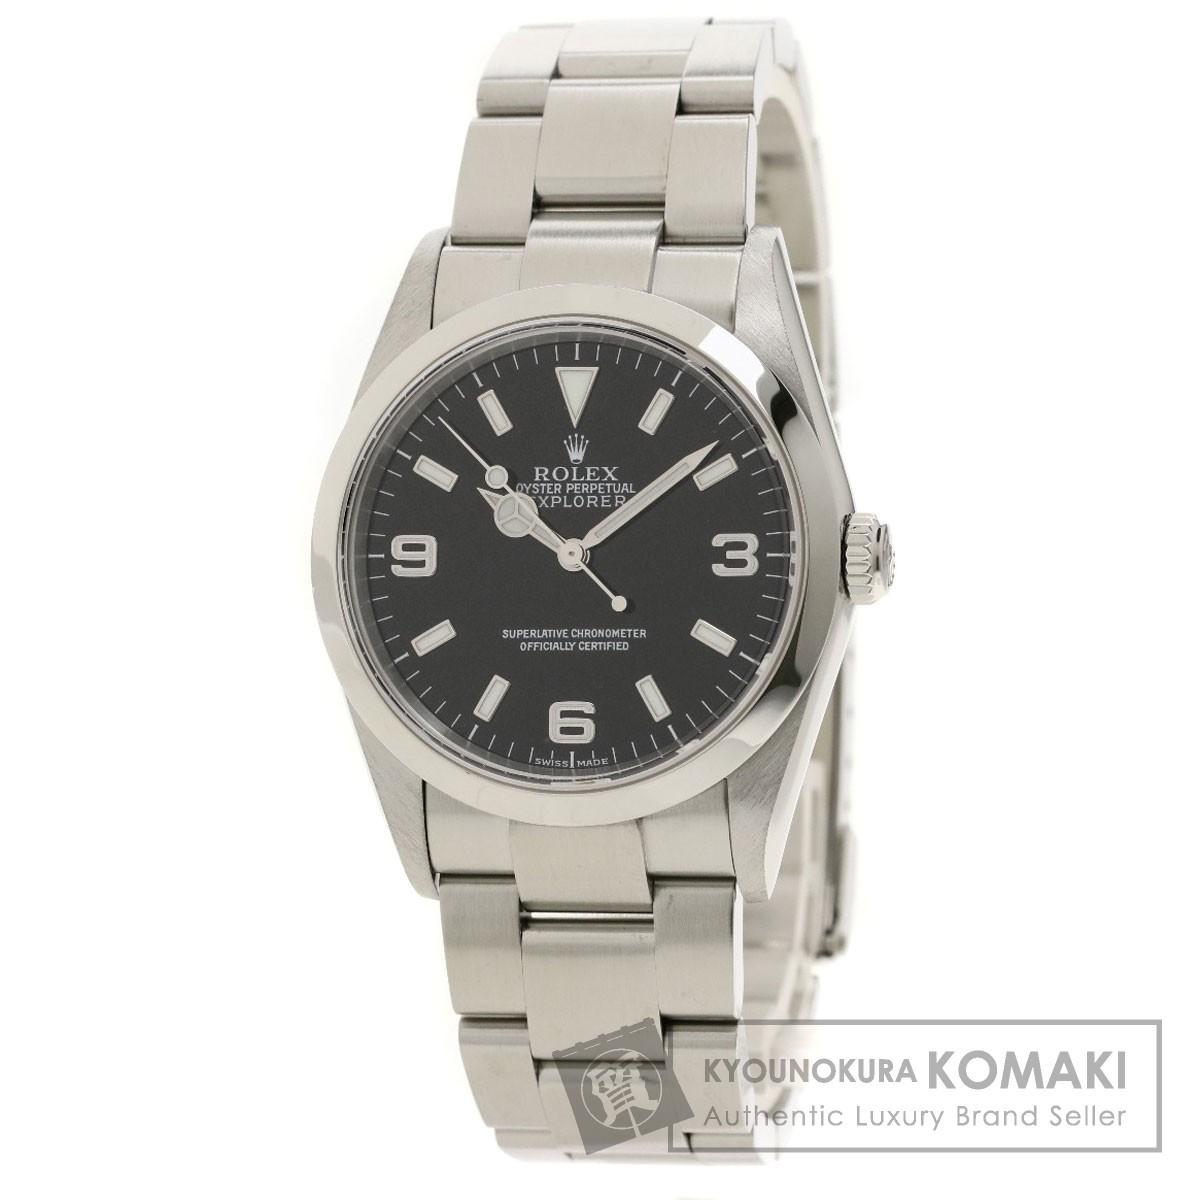 ロレックス 114270 エクスプローラー 腕時計 ステンレススチール/SS メンズ 【中古】【ROLEX】